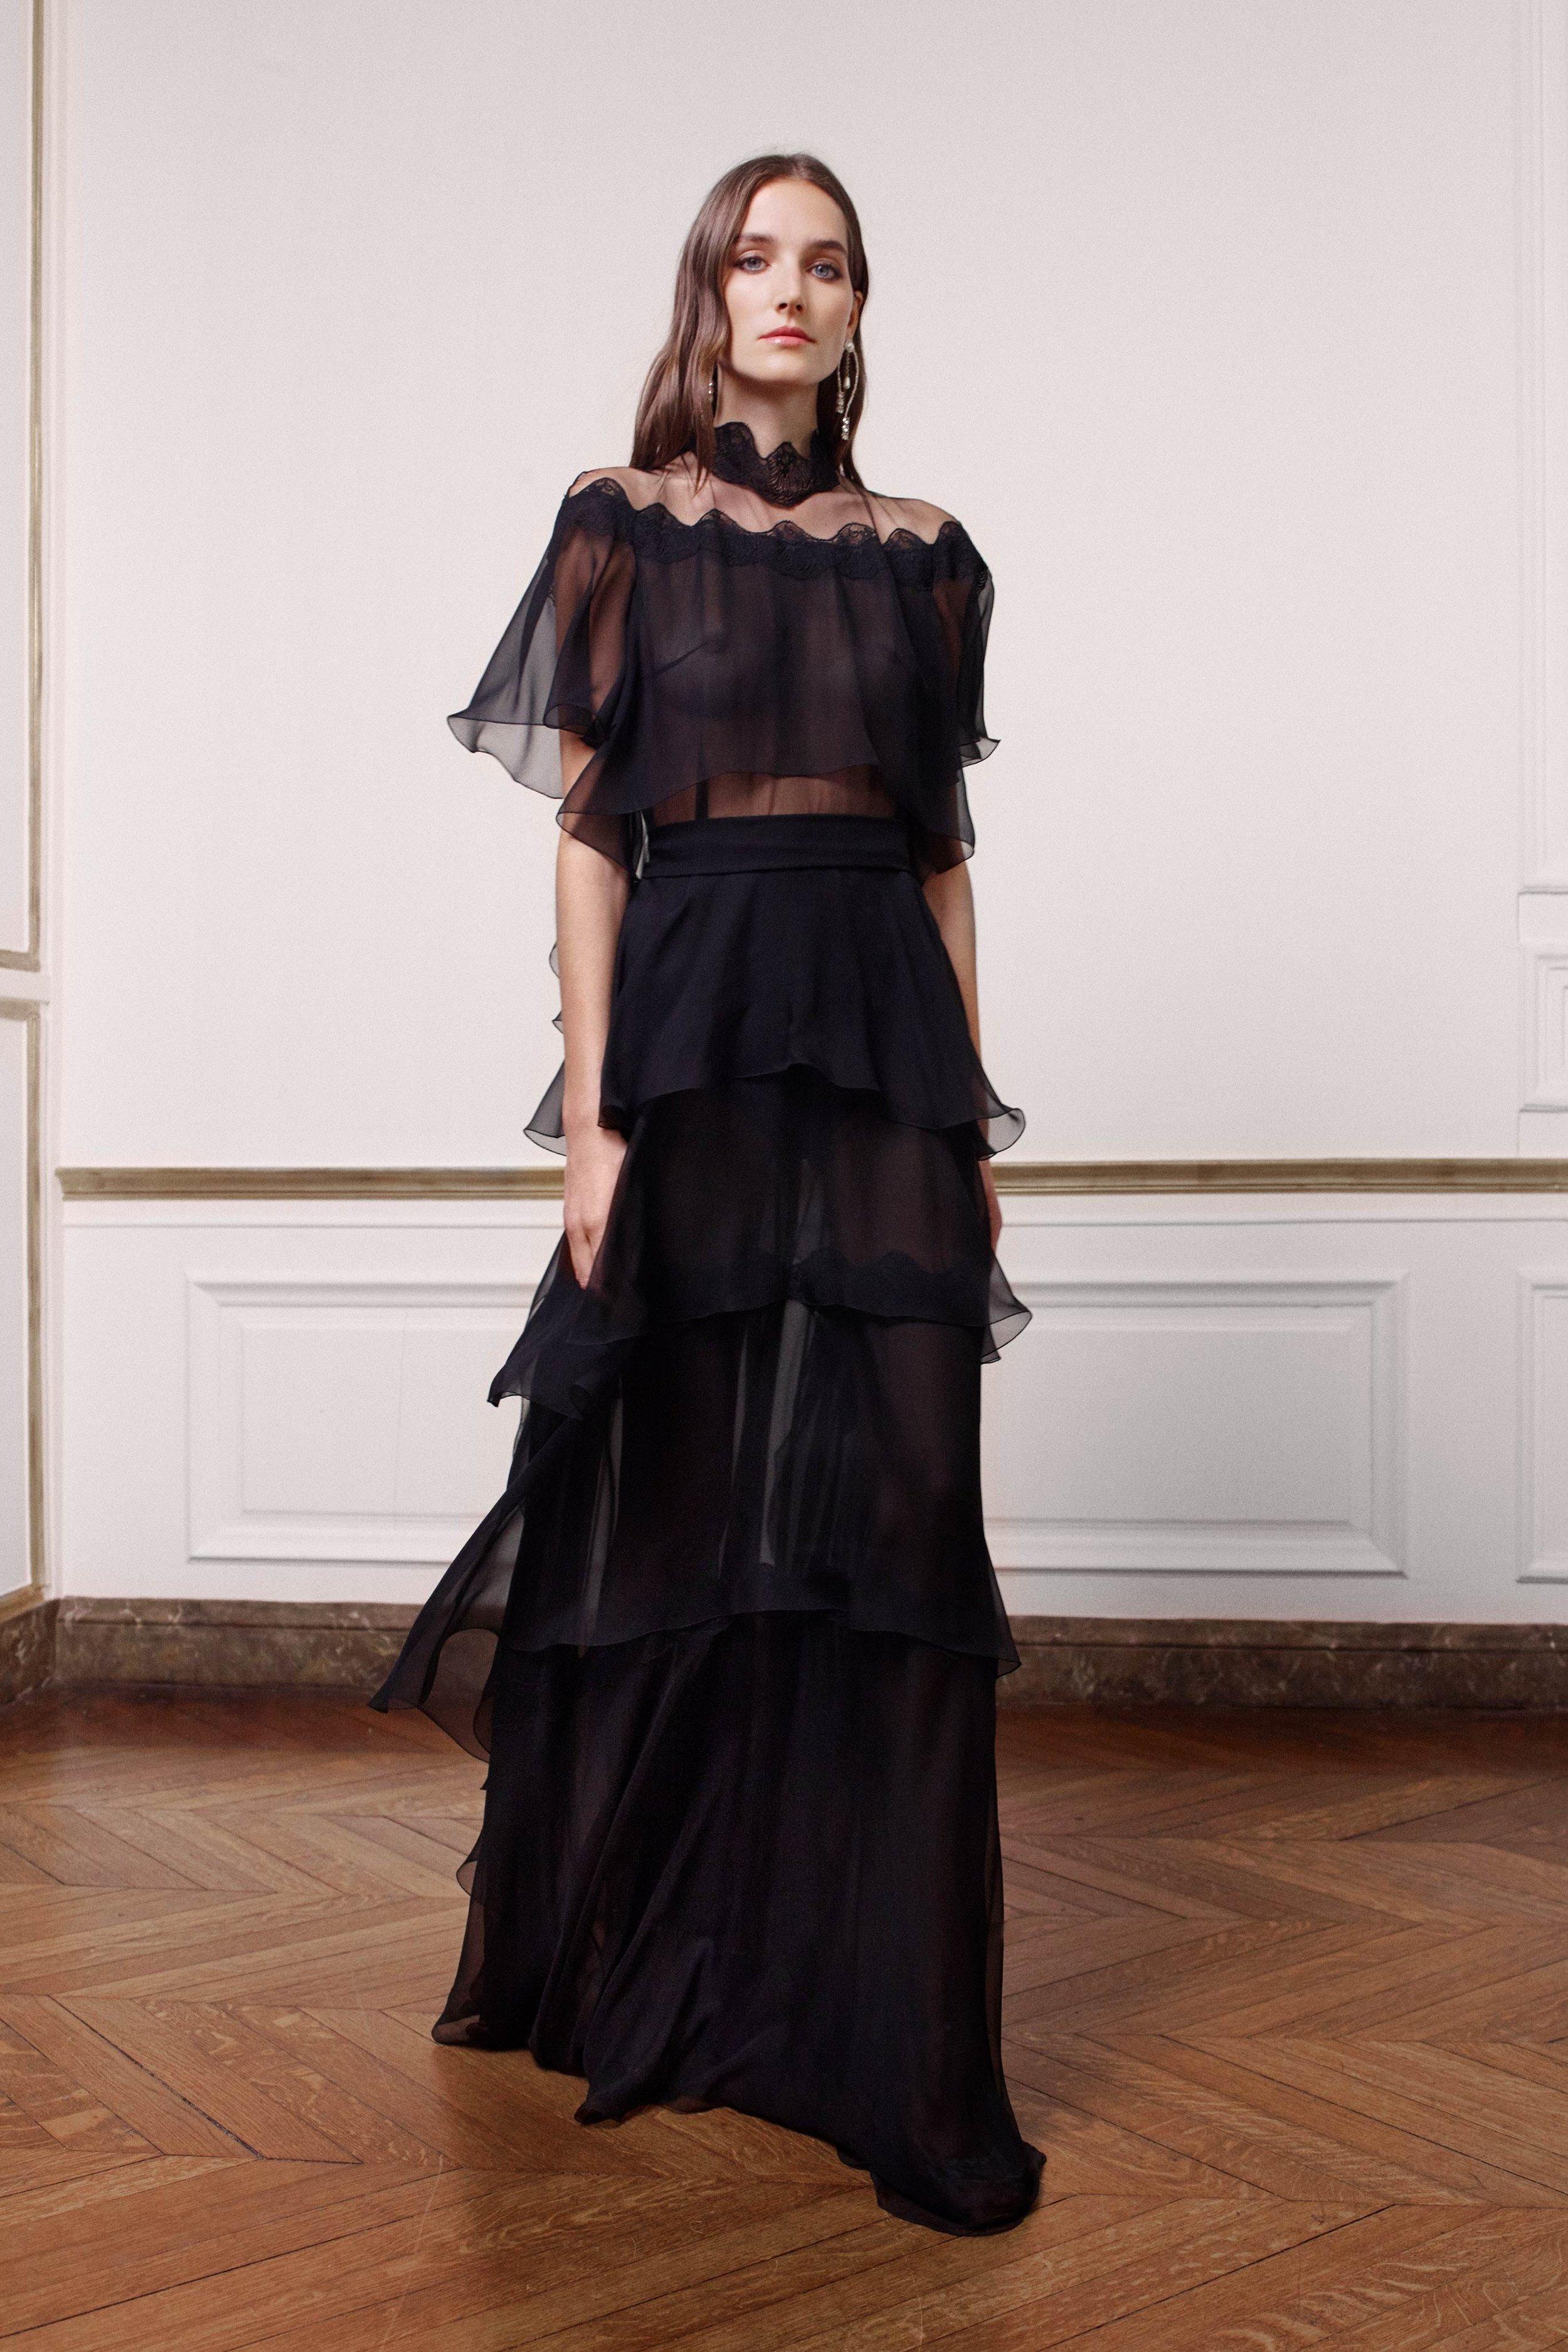 00018-alberta-ferreti-paris-couture-spring-19.jpg